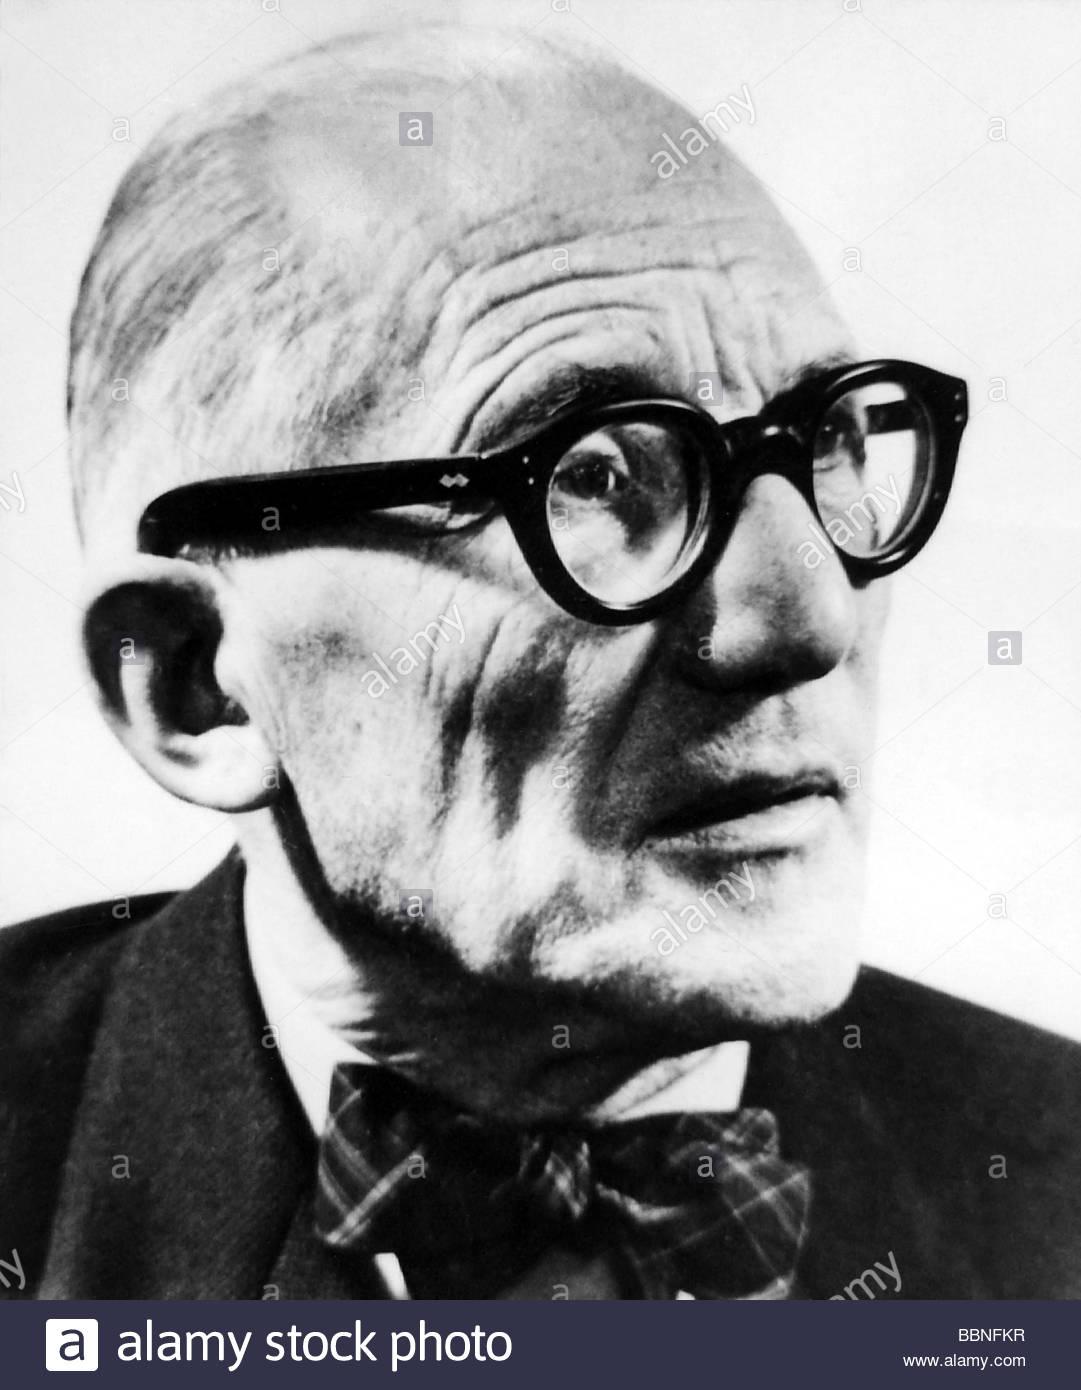 Le Corbusier (Charles-Edouard Jeanneret-Gris), 6.10.1887 - 27.8.1965, Suiza - El arquitecto francés, retrato, Imagen De Stock